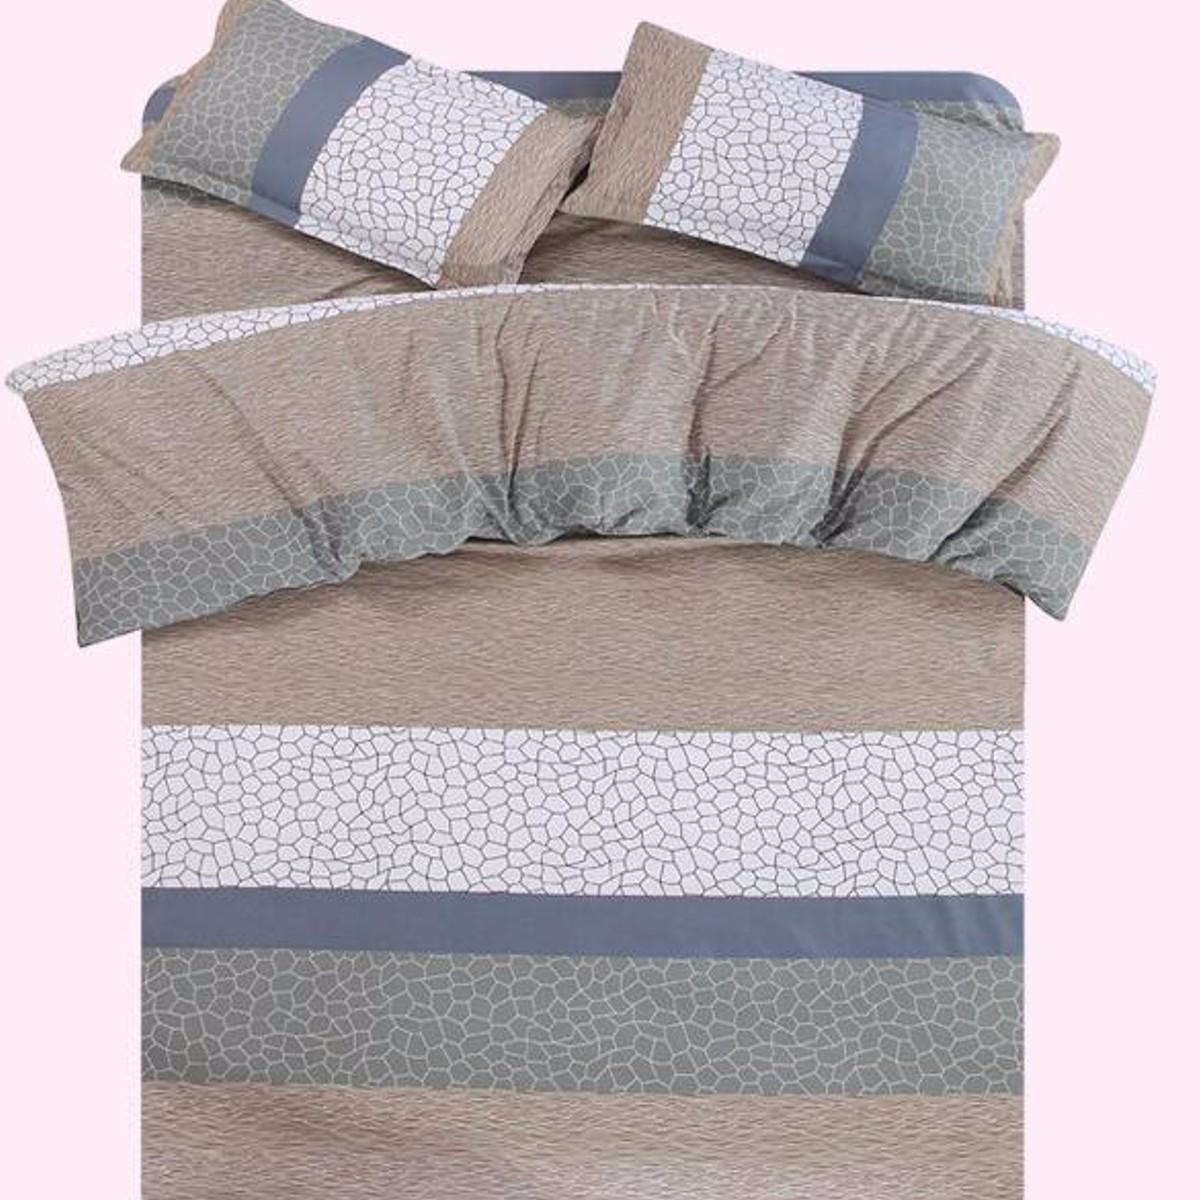 1.5m / 1.8m 4 ropa de cama del algodón de las PC de la fundación del edredón del edredón del lecho del algodón de la hoja plana elegent noble